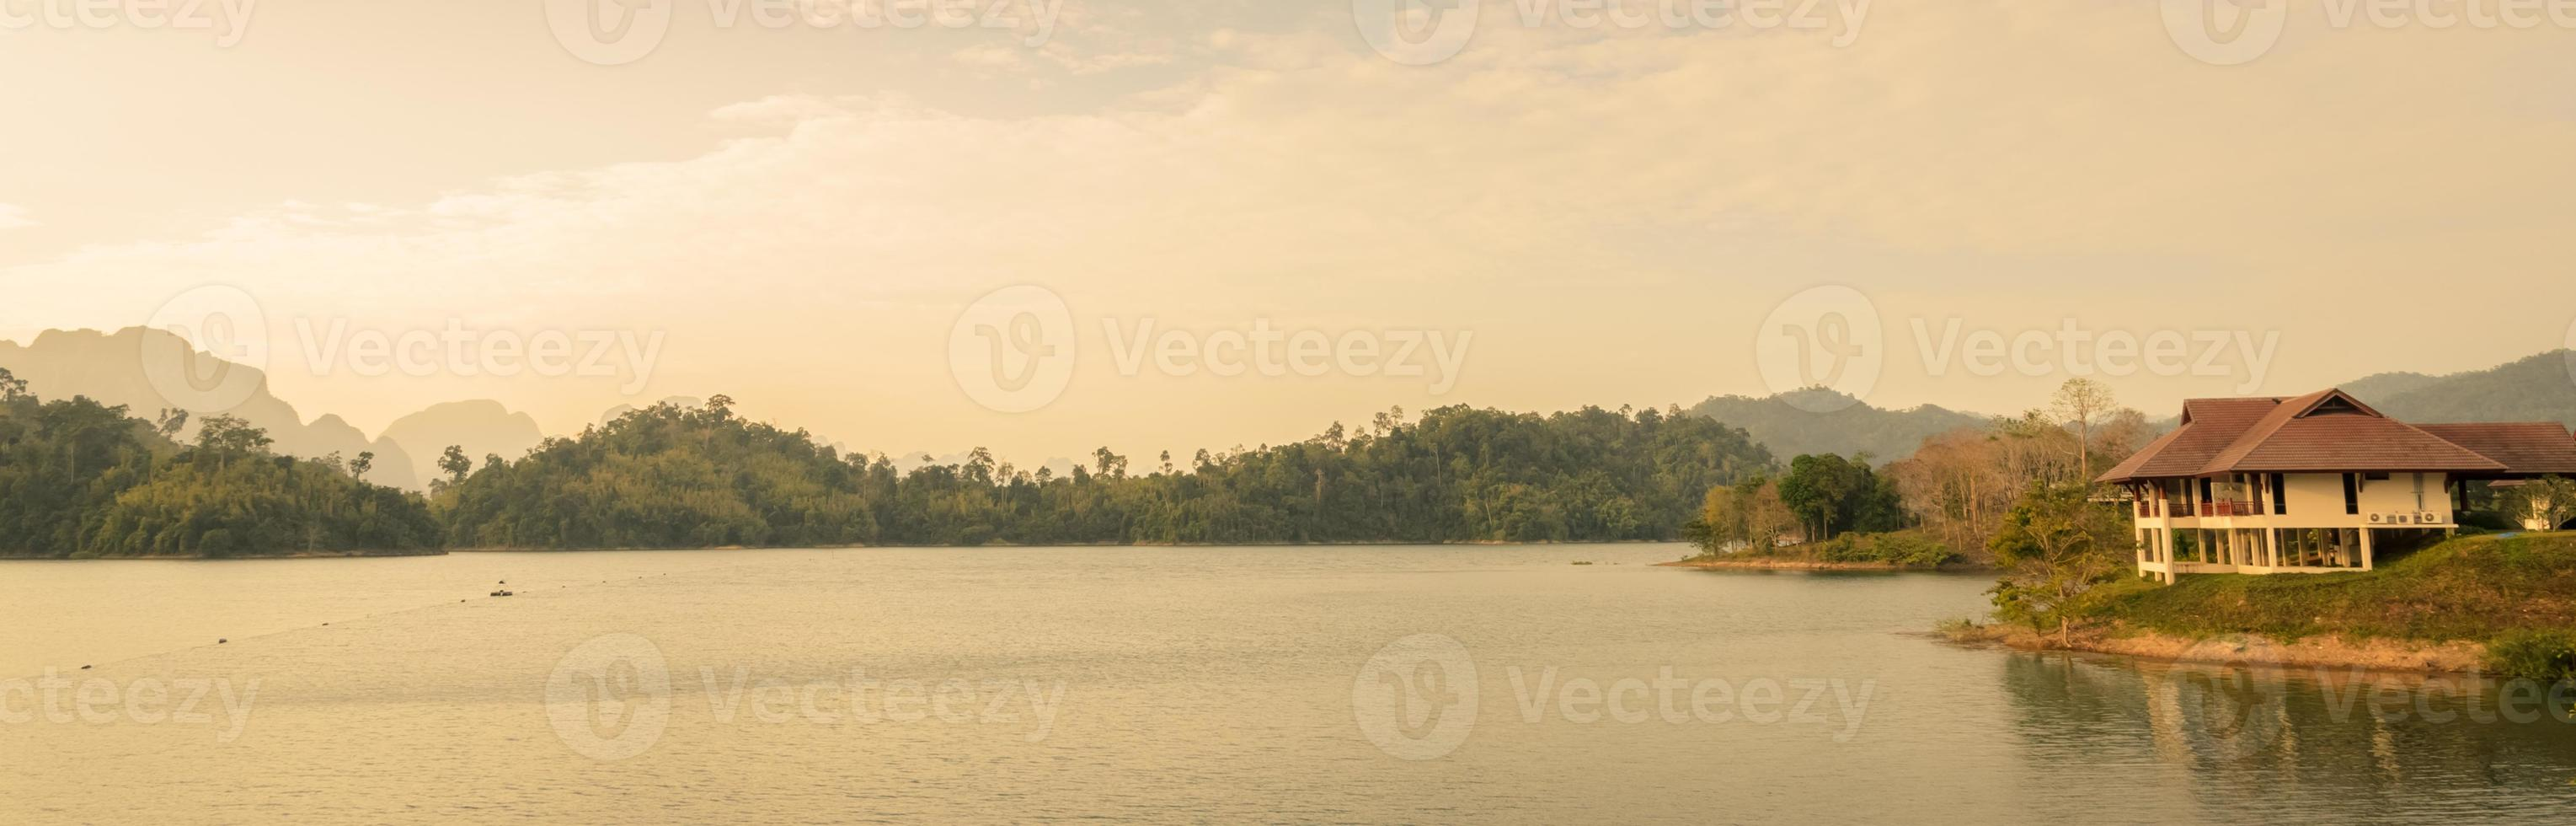 barragem de ratchaprapha na província de surat thani, tailândia foto